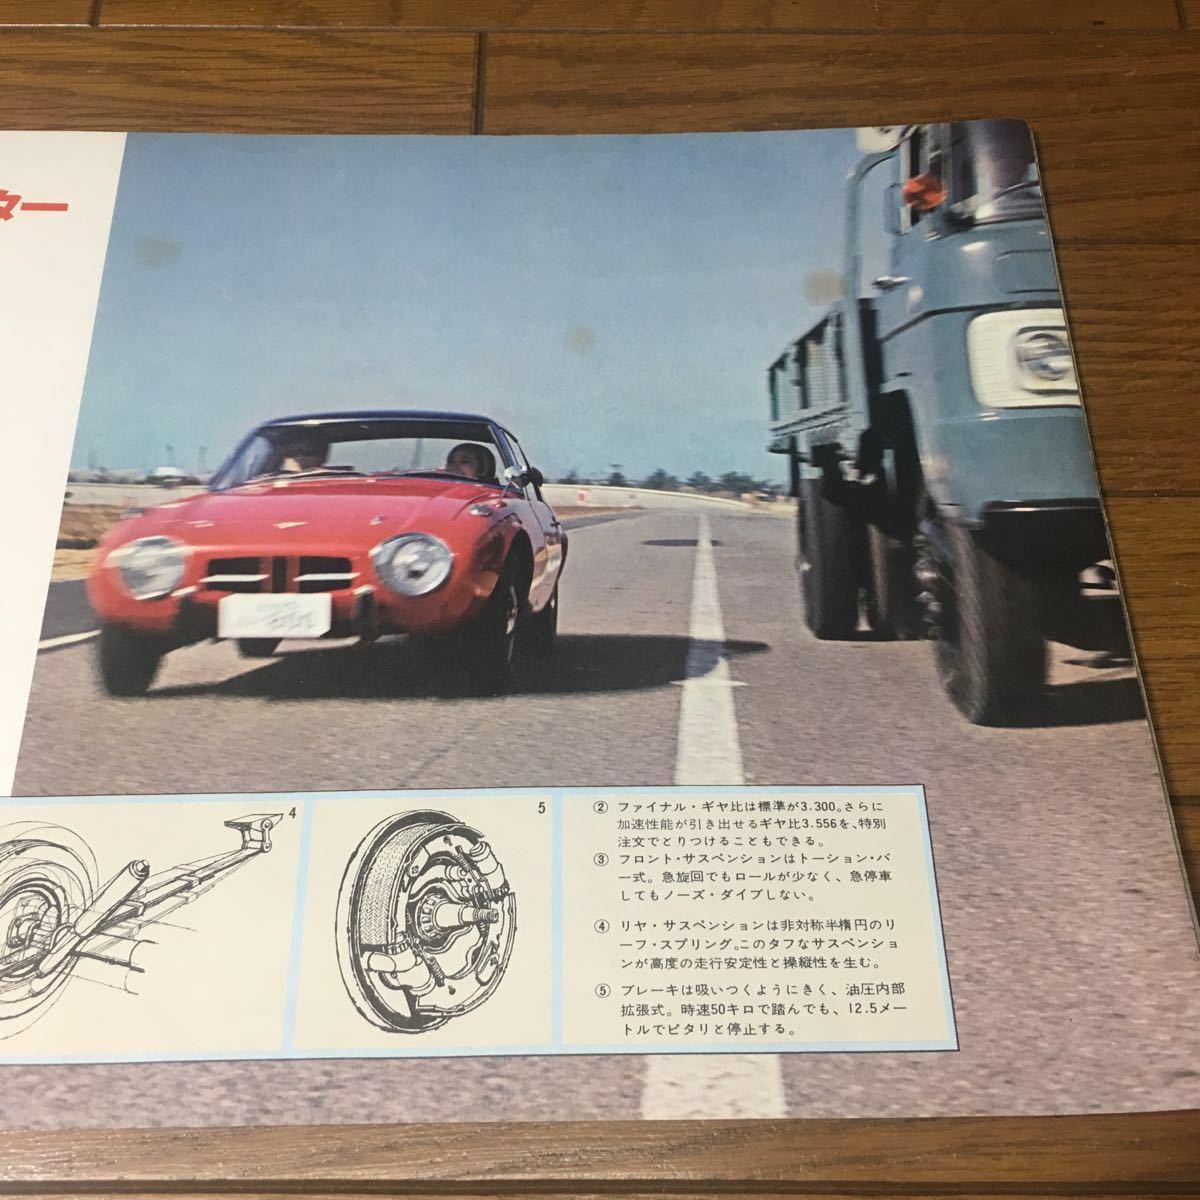 復刻版ではございません 絶版 旧車カタログ トヨタ スポーツ800 ヨタハチ 当時物 昭和 希少 貴重 美品_画像6